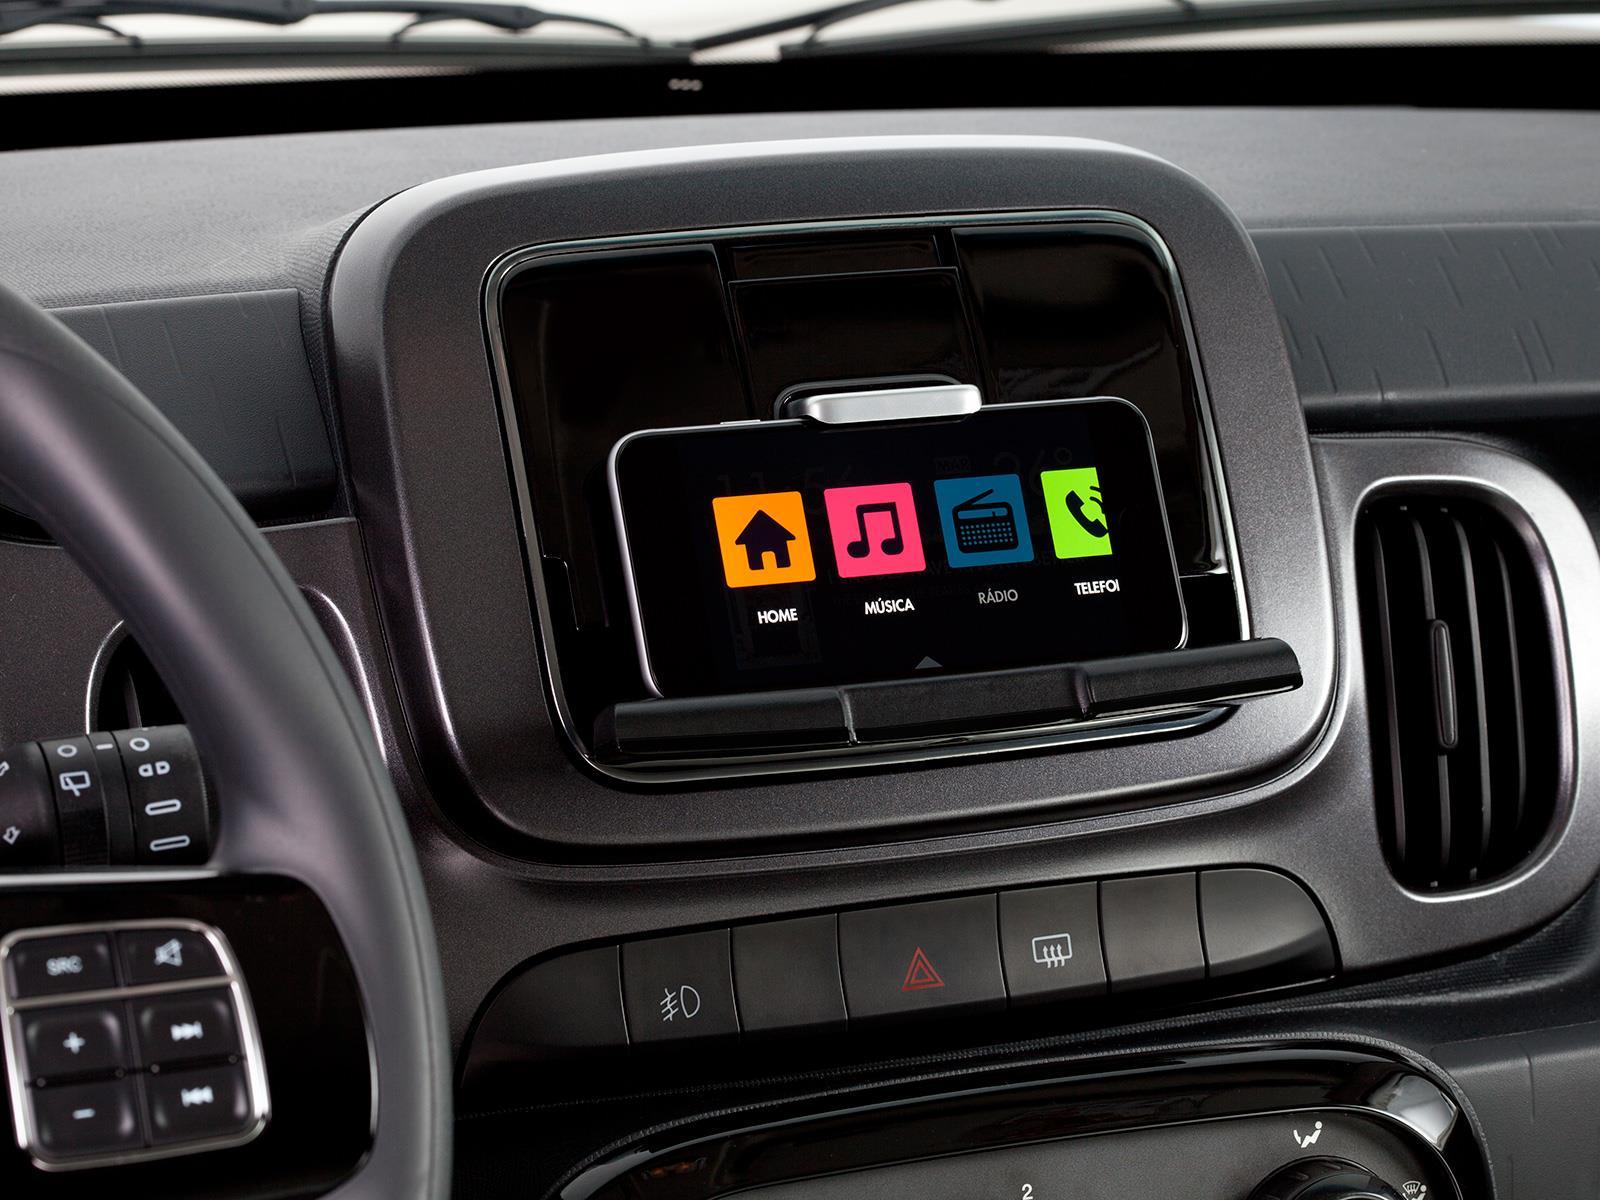 FIAT Mobi, el nuevo auto de entrada a la marca - Autocosmos.com